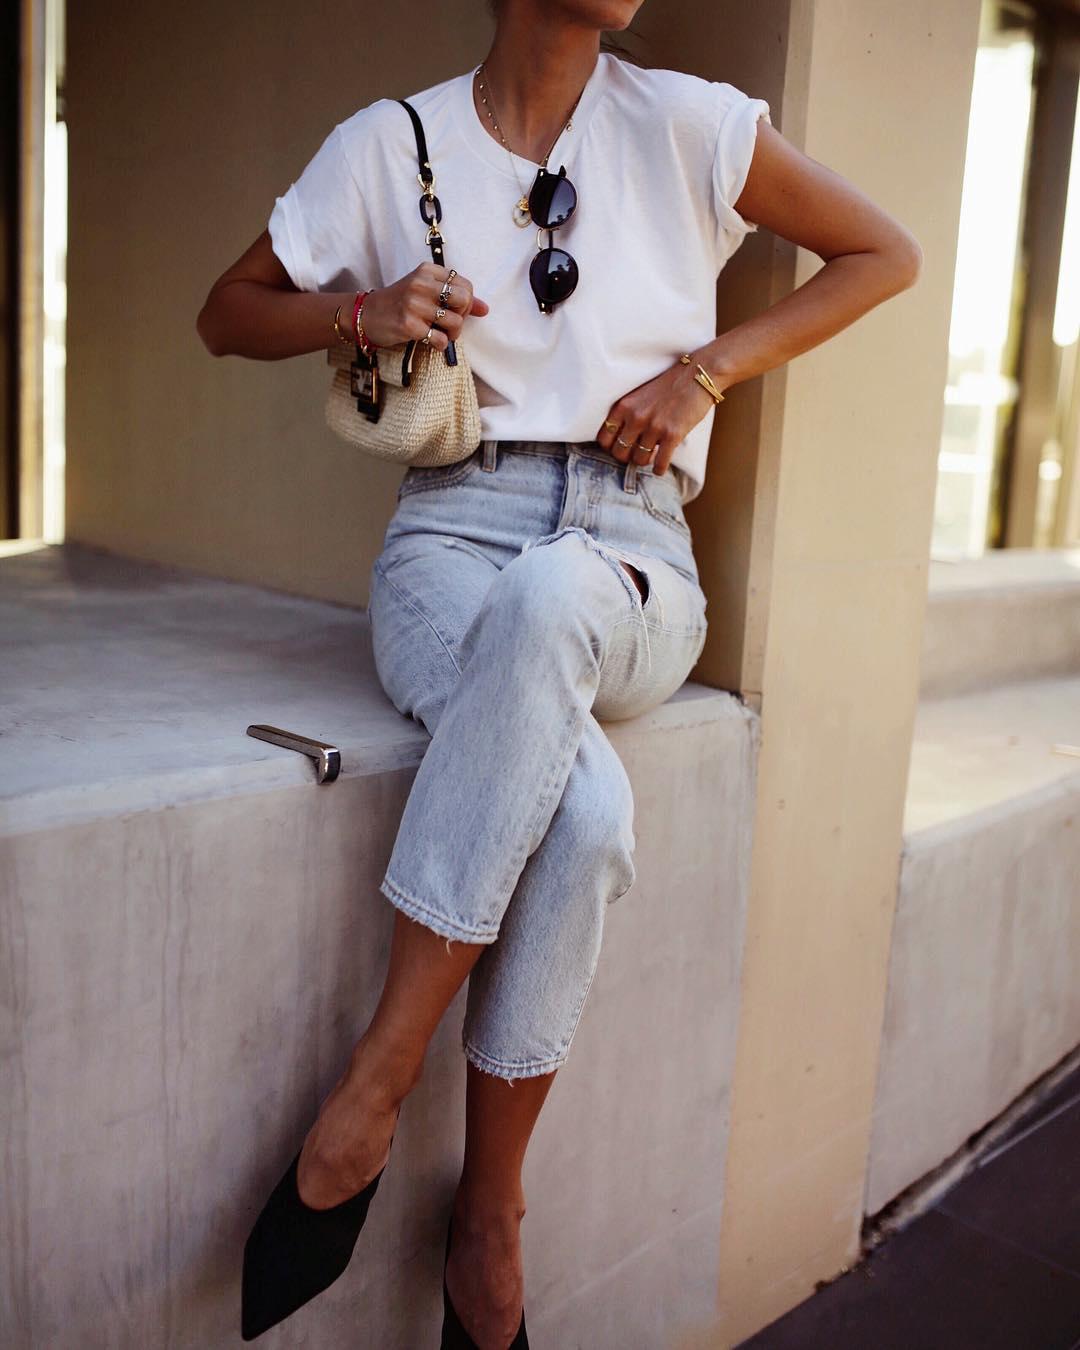 Джинсы и белая футболка фото 3